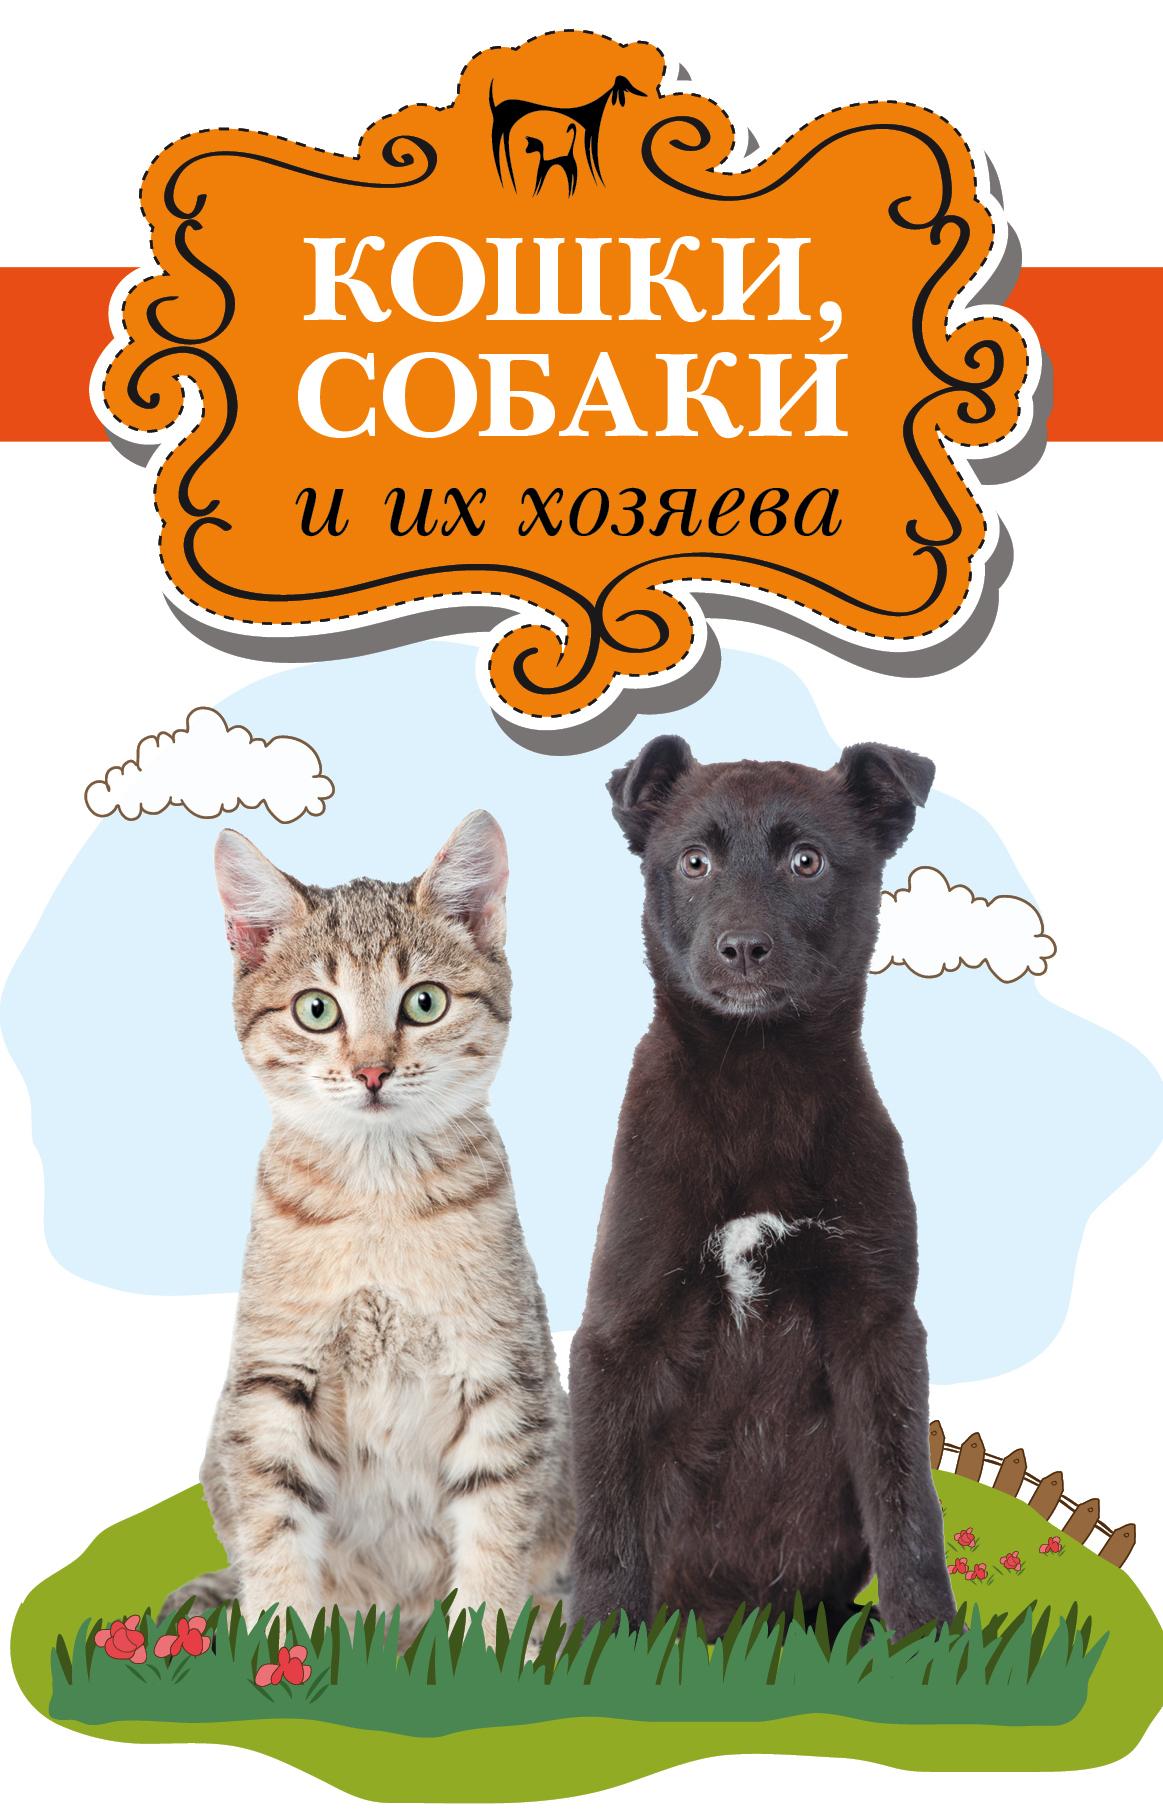 Стайгер Б., Стайгер Ш., Миллз М. Кошки, собаки и их хозяева книги эксмо хозяин собаки